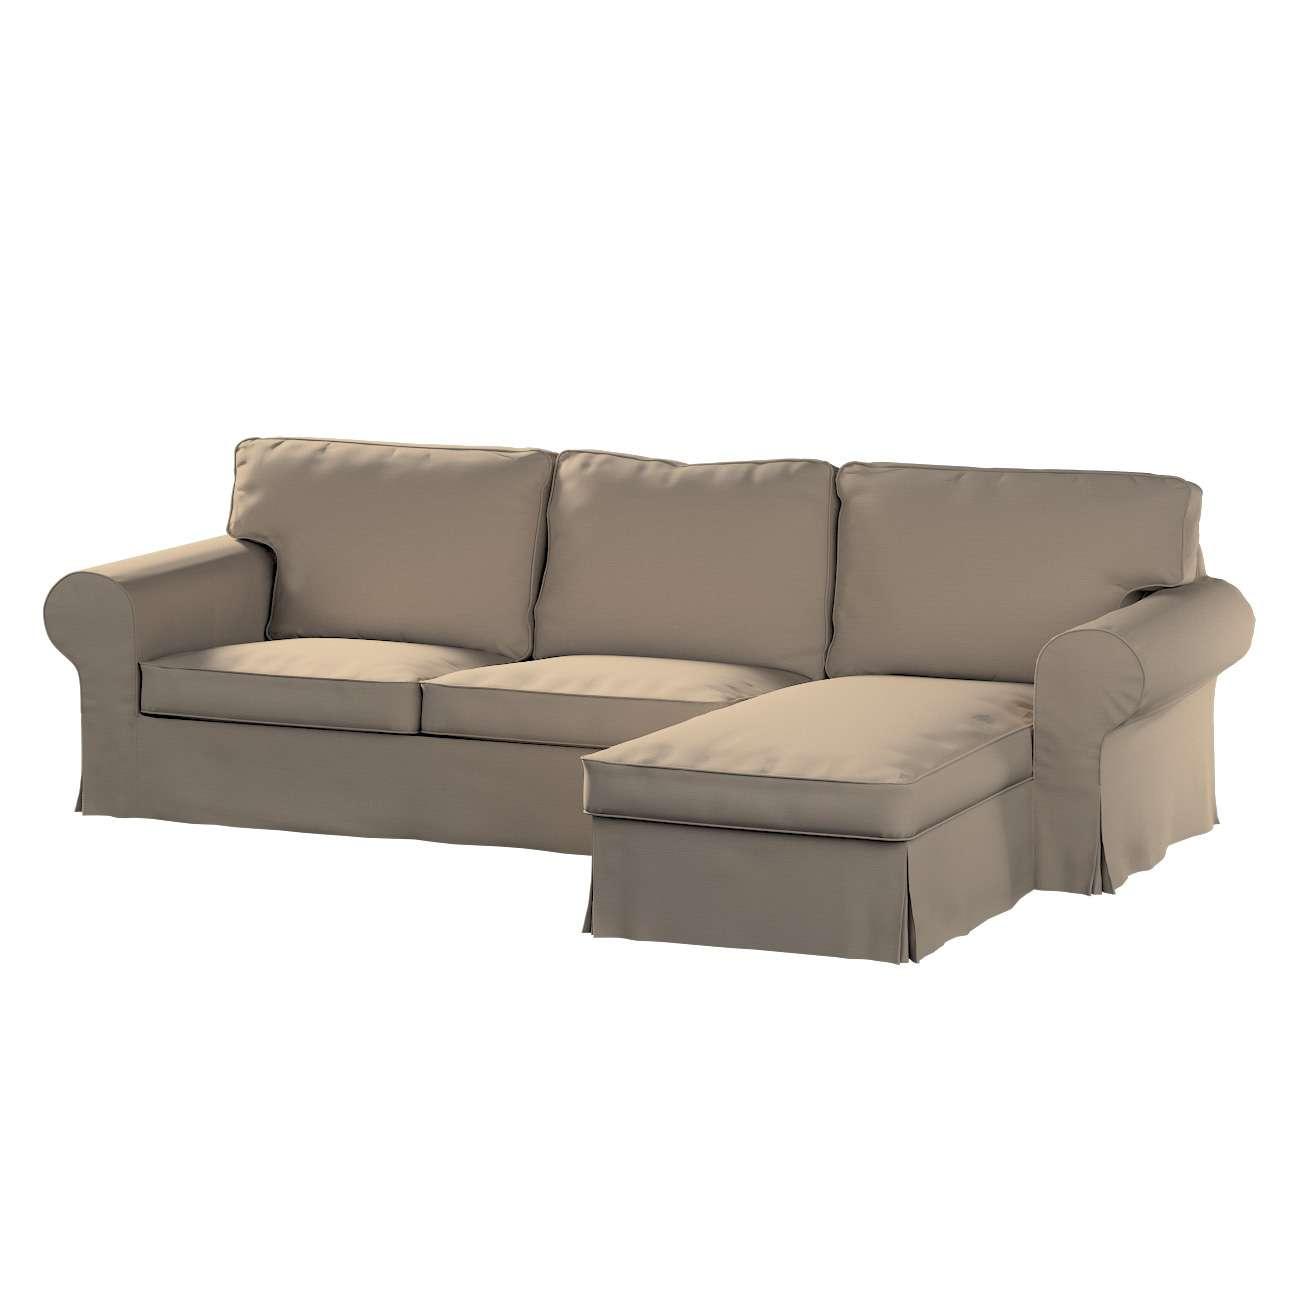 Ektorp dvivietės sofos su gulimuoju krėslu užvalkalas Ikea Ektorp dvivietės sofos su gulimuoju krėslu užvalkalas kolekcijoje Cotton Panama, audinys: 702-28